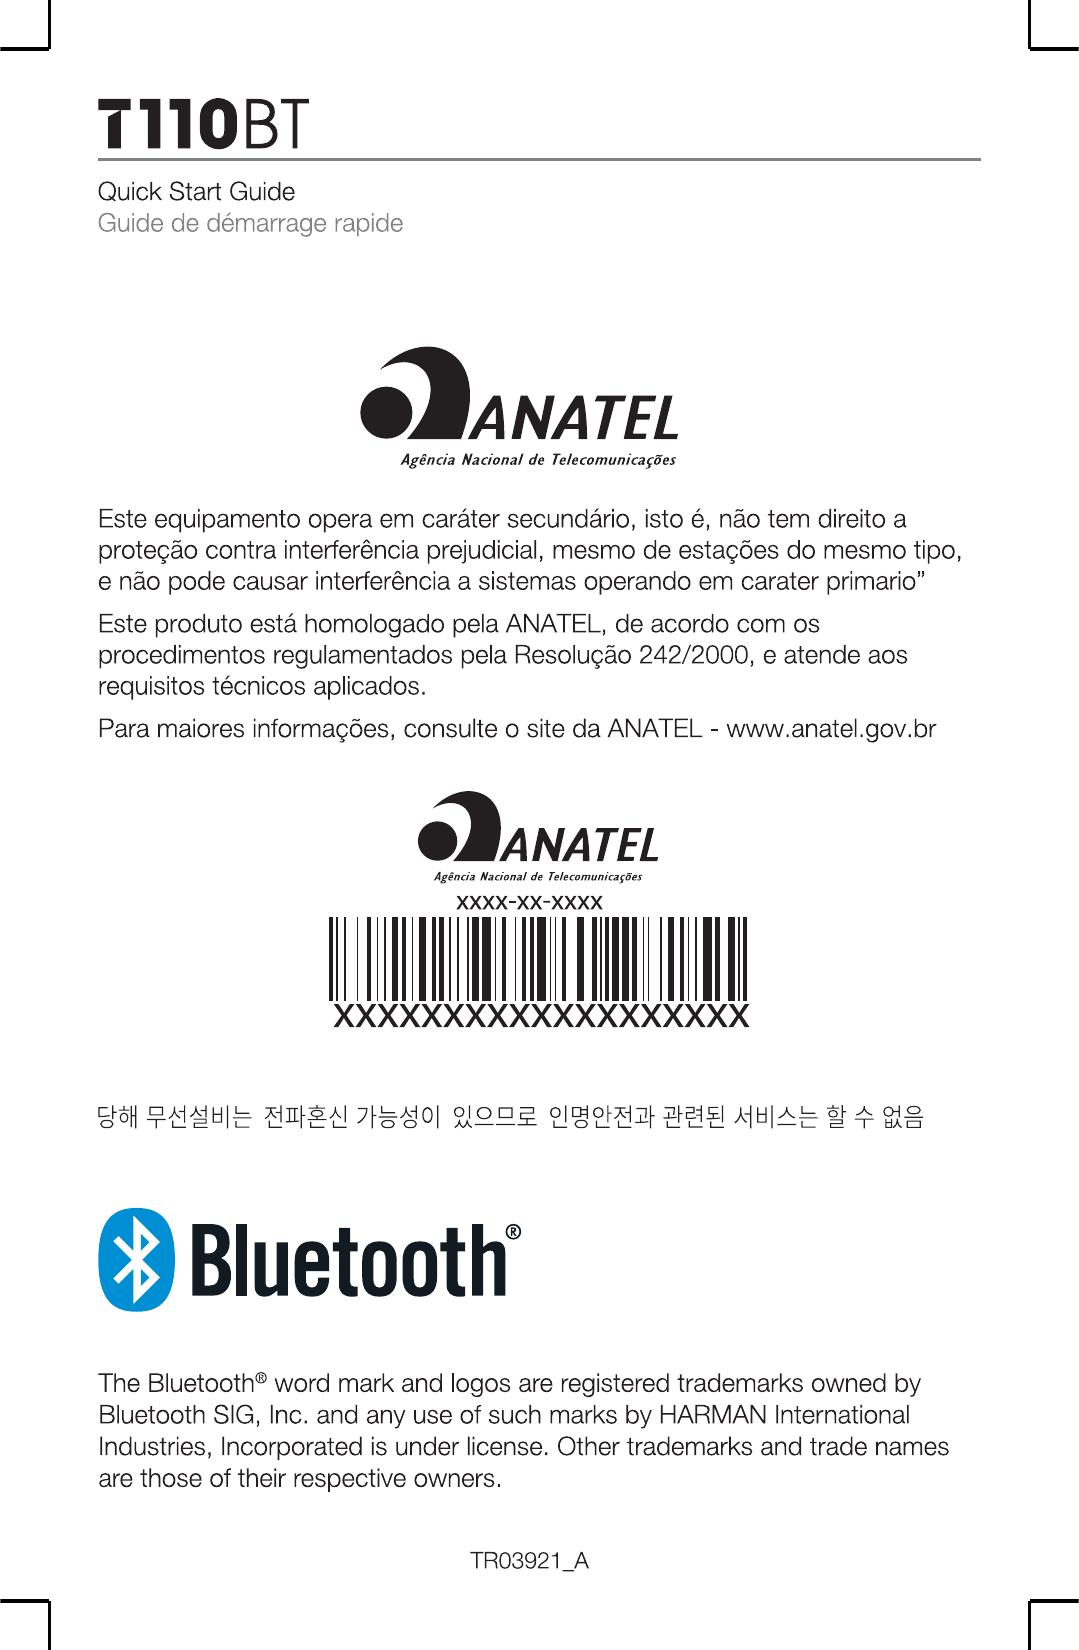 Harman JBLT110BT Bluetooth Headset User Manual TR03921 JBL